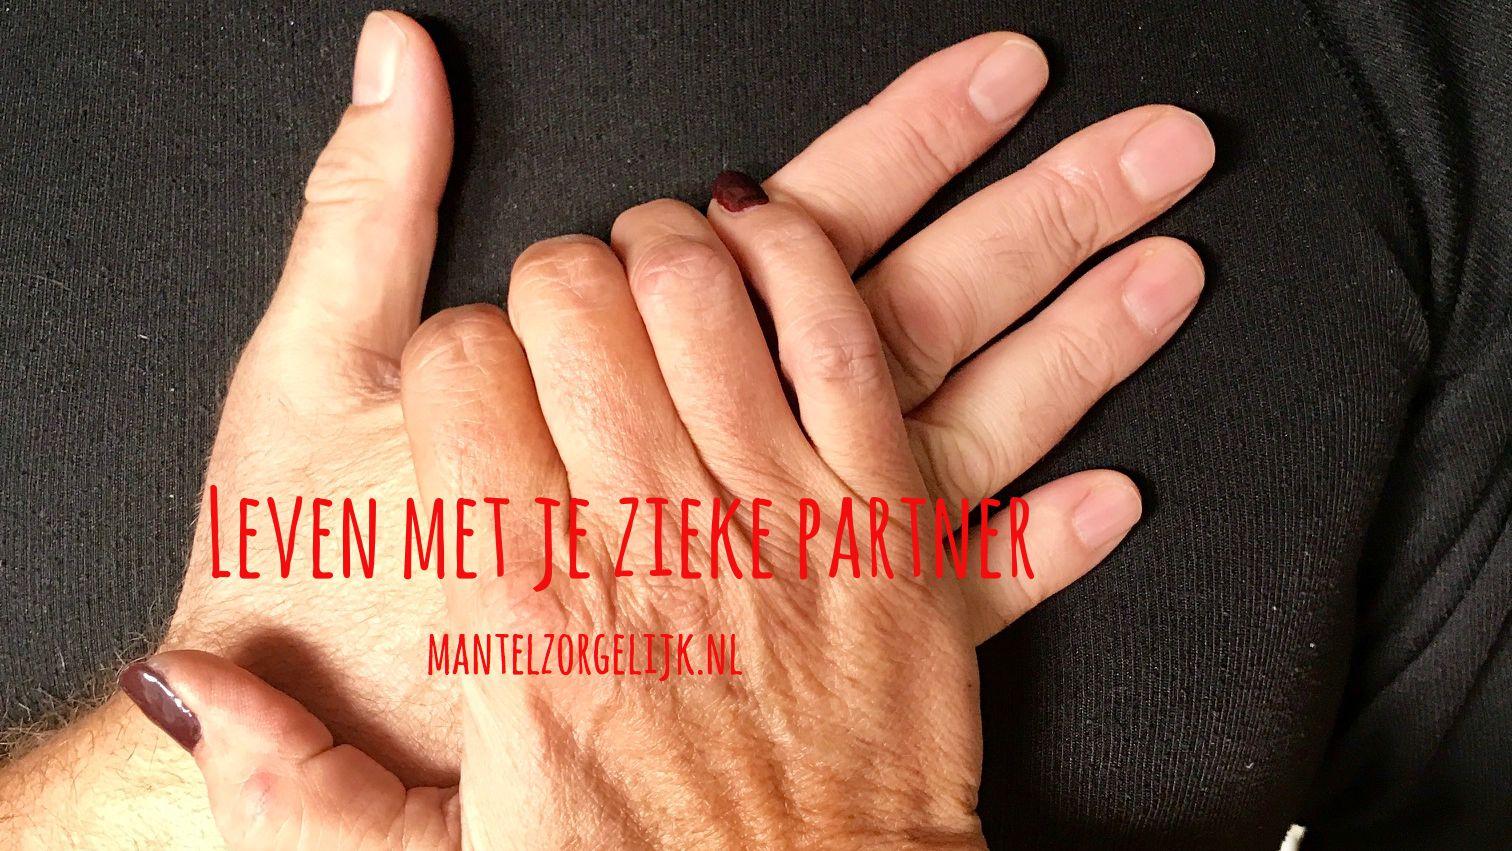 Leven Met Je Zieke Partner (1) #tips